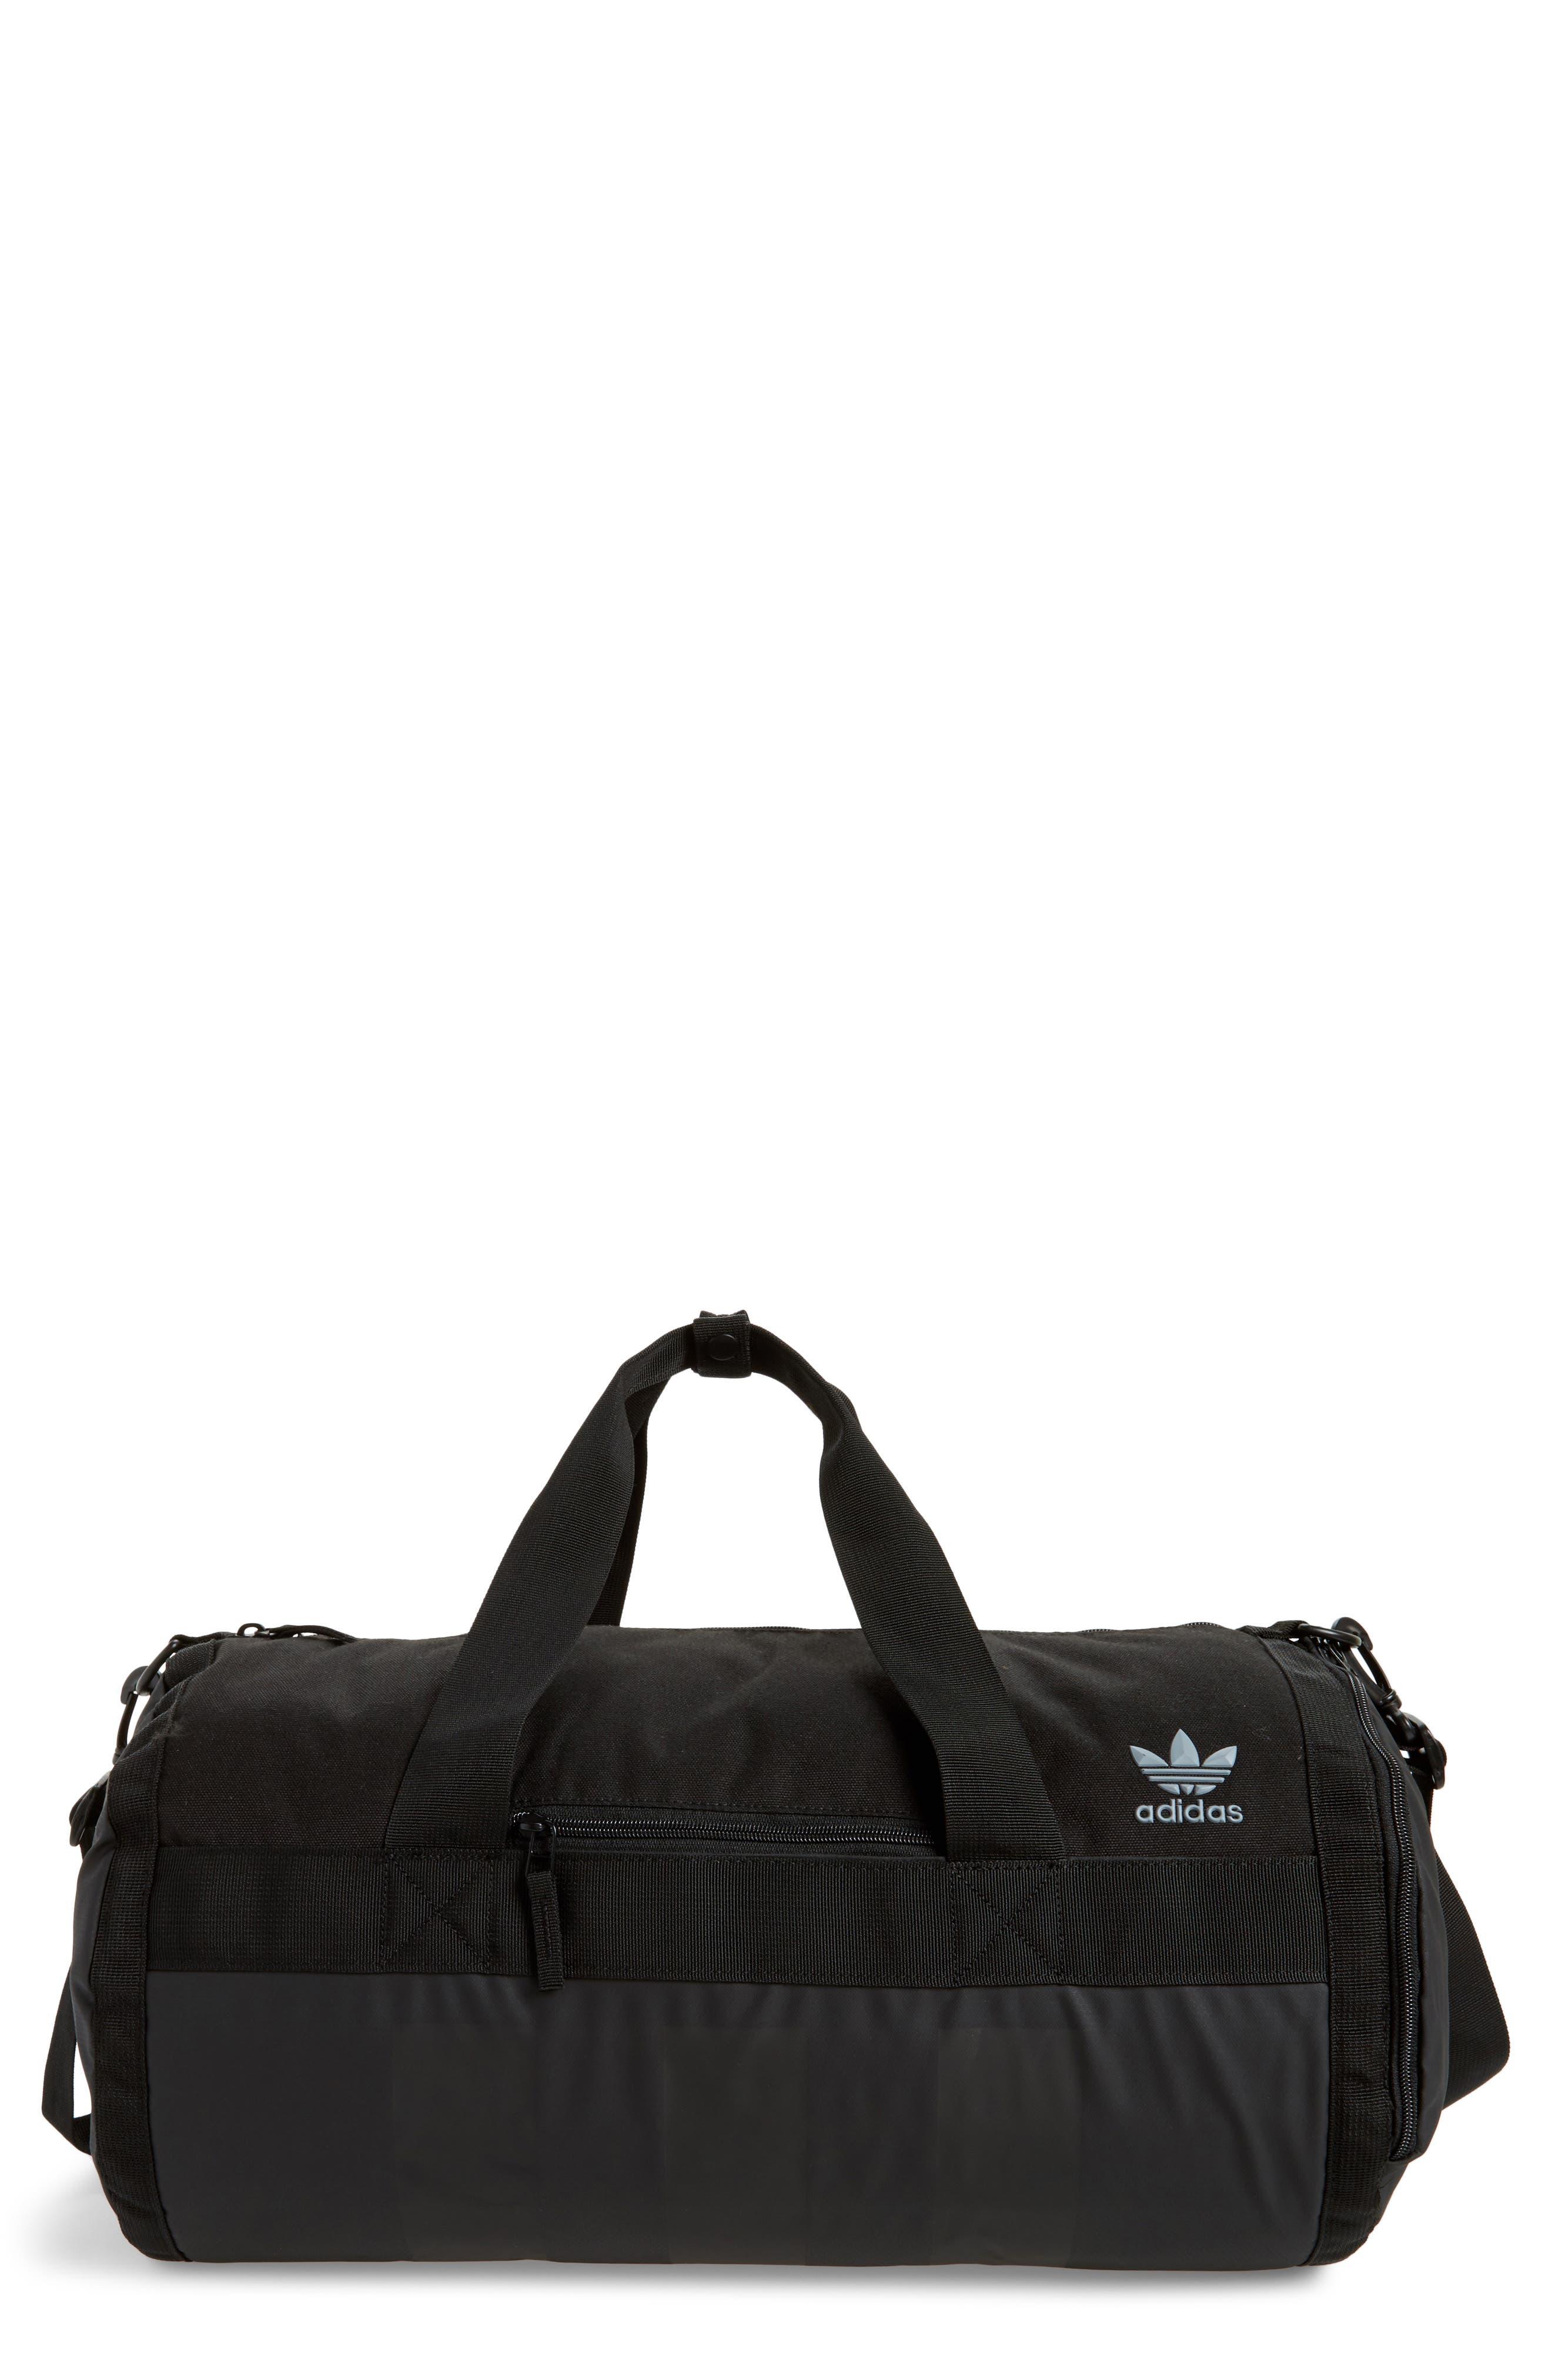 Originals Court Duffel Bag,                         Main,                         color, Black